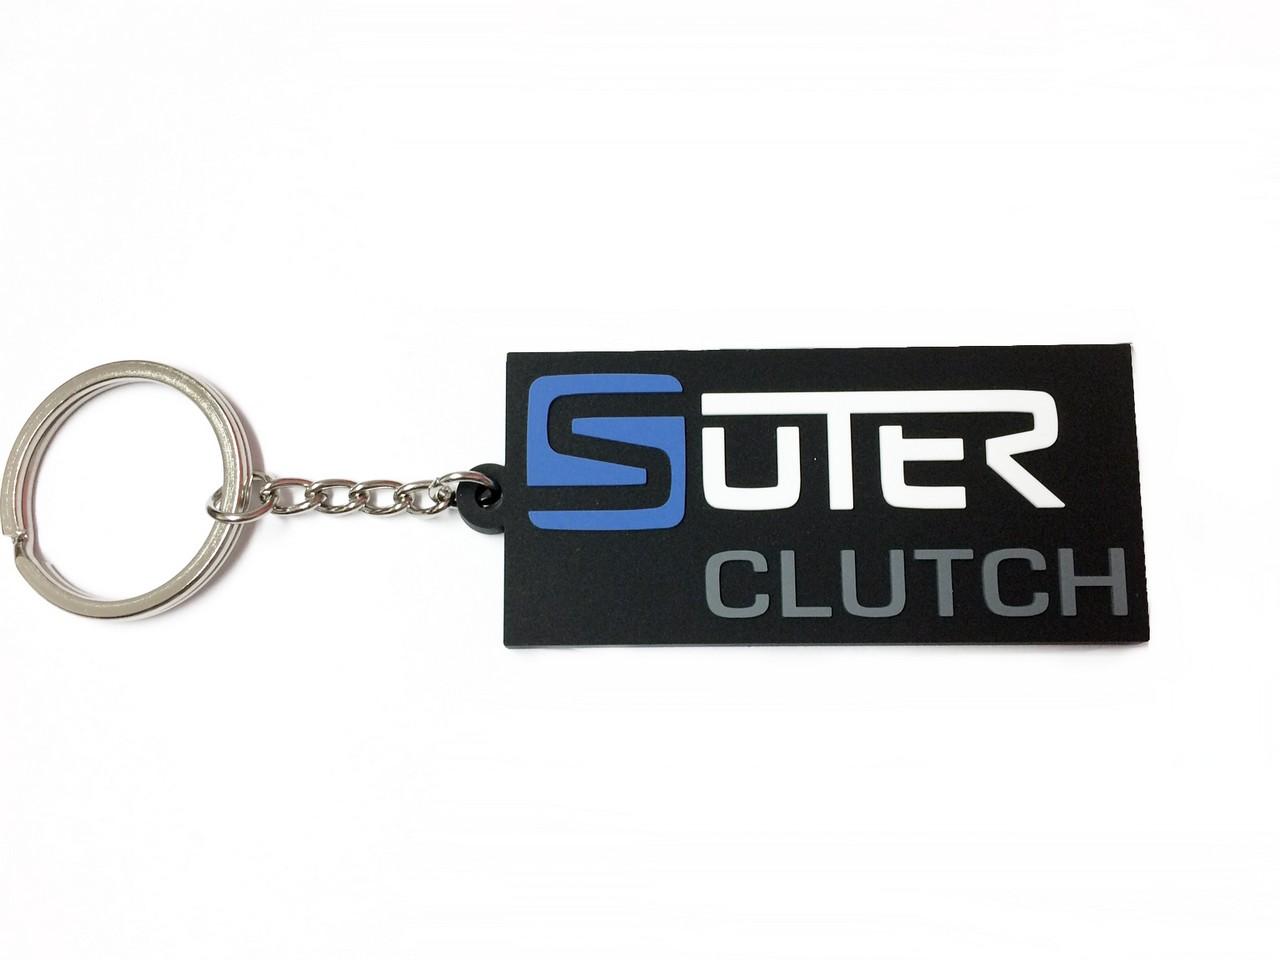 【SUTERCLUTCH】鑰匙圈 - 「Webike-摩托百貨」